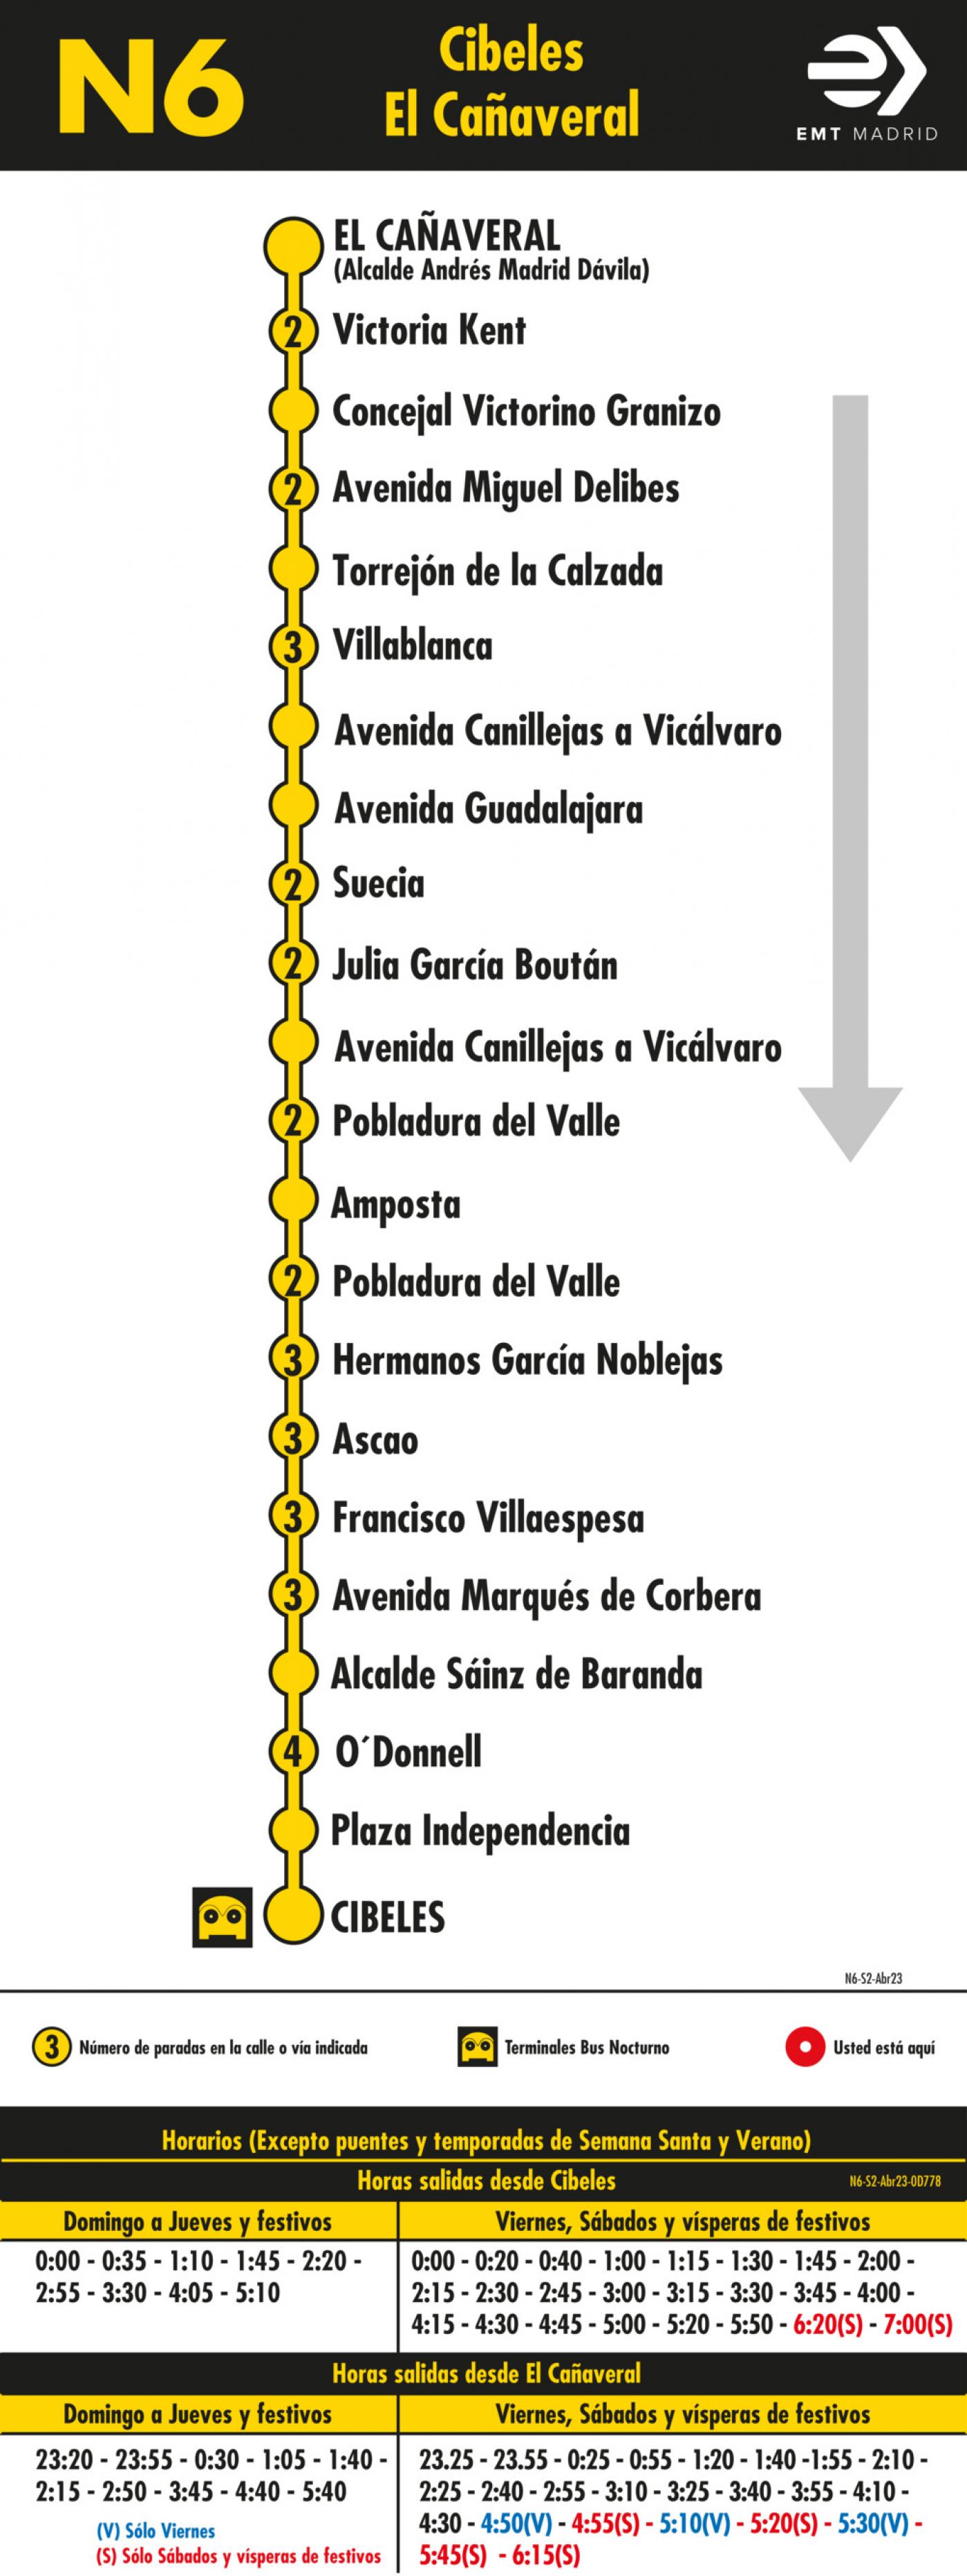 Tabla de horarios y frecuencias de paso en sentido vuelta Línea N6: Plaza de Cibeles - Las Rosas (búho)